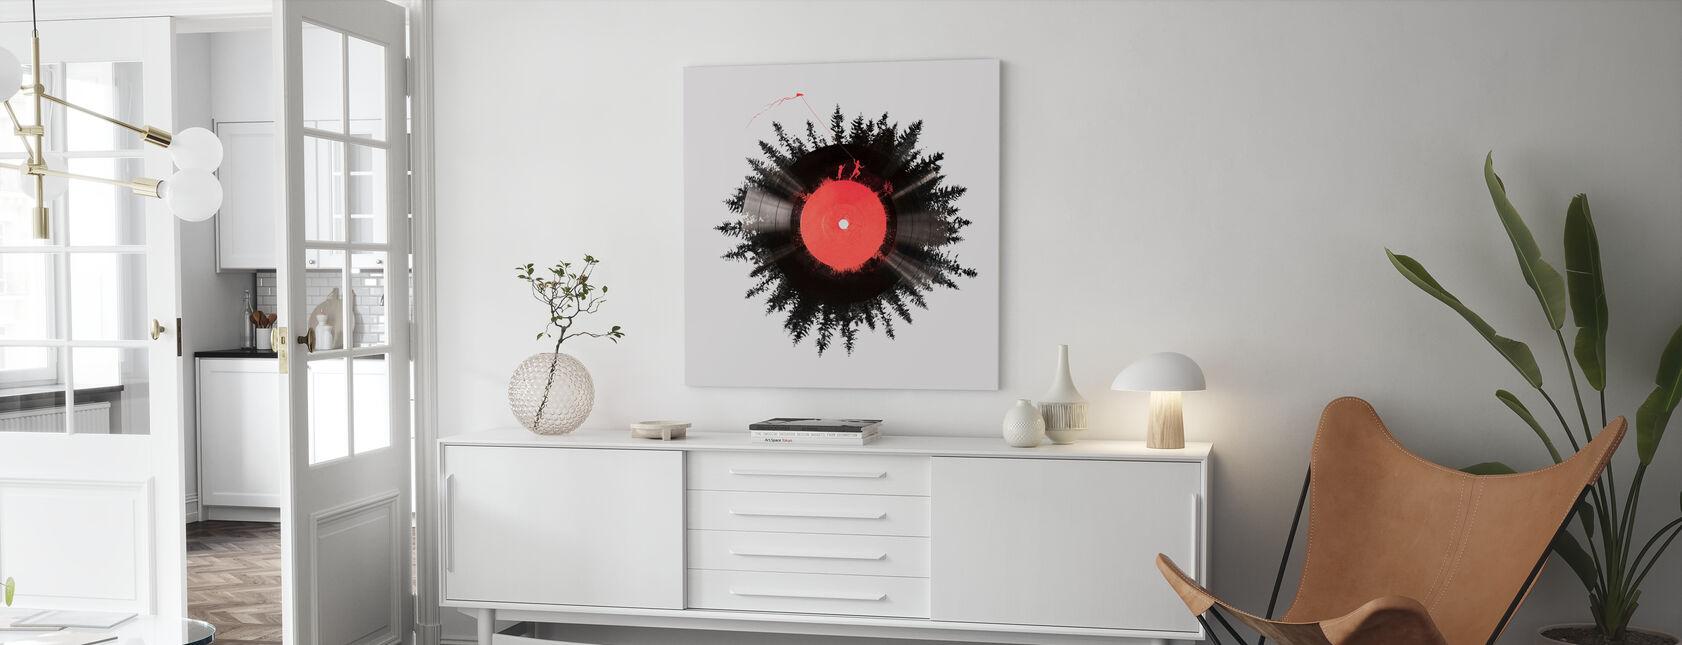 Das Vinyl meines Lebens - Leinwandbild - Wohnzimmer